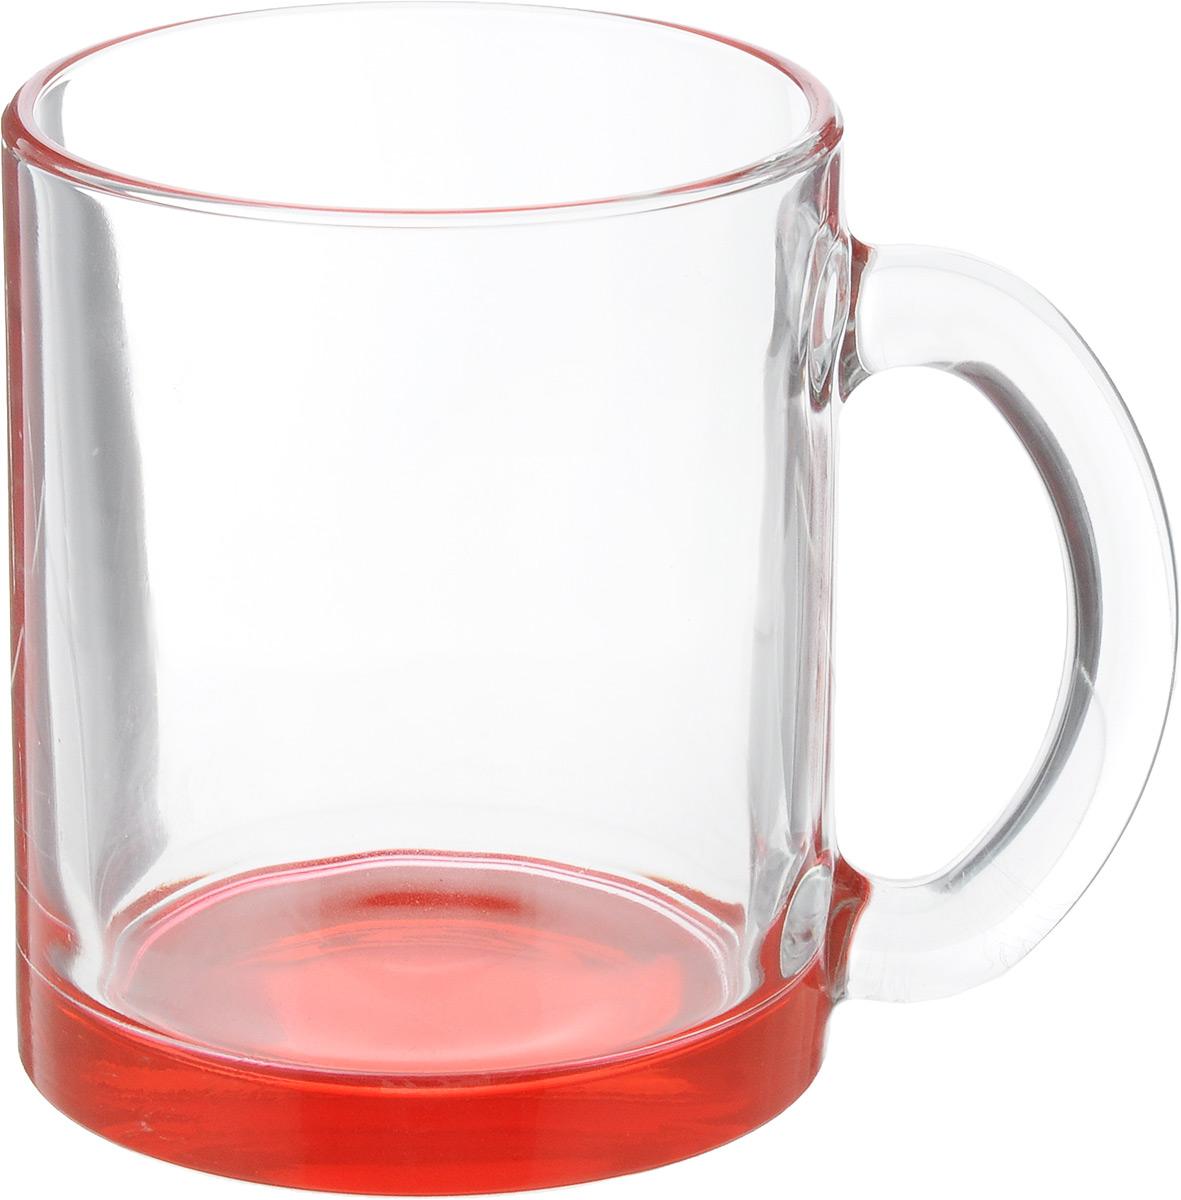 Кружка OSZ Чайная, цвет: прозрачный, красный, 320 мл68/5/4Кружка OSZ Чайная изготовлена из стекла двух цветов. Изделие идеально подходит для сервировки стола.Кружка не только украсит ваш кухонный стол, но и подчеркнет прекрасный вкус хозяйки. Диаметр кружки (по верхнему краю): 8 см. Высота кружки: 9,5 см. Объем кружки: 320 мл.